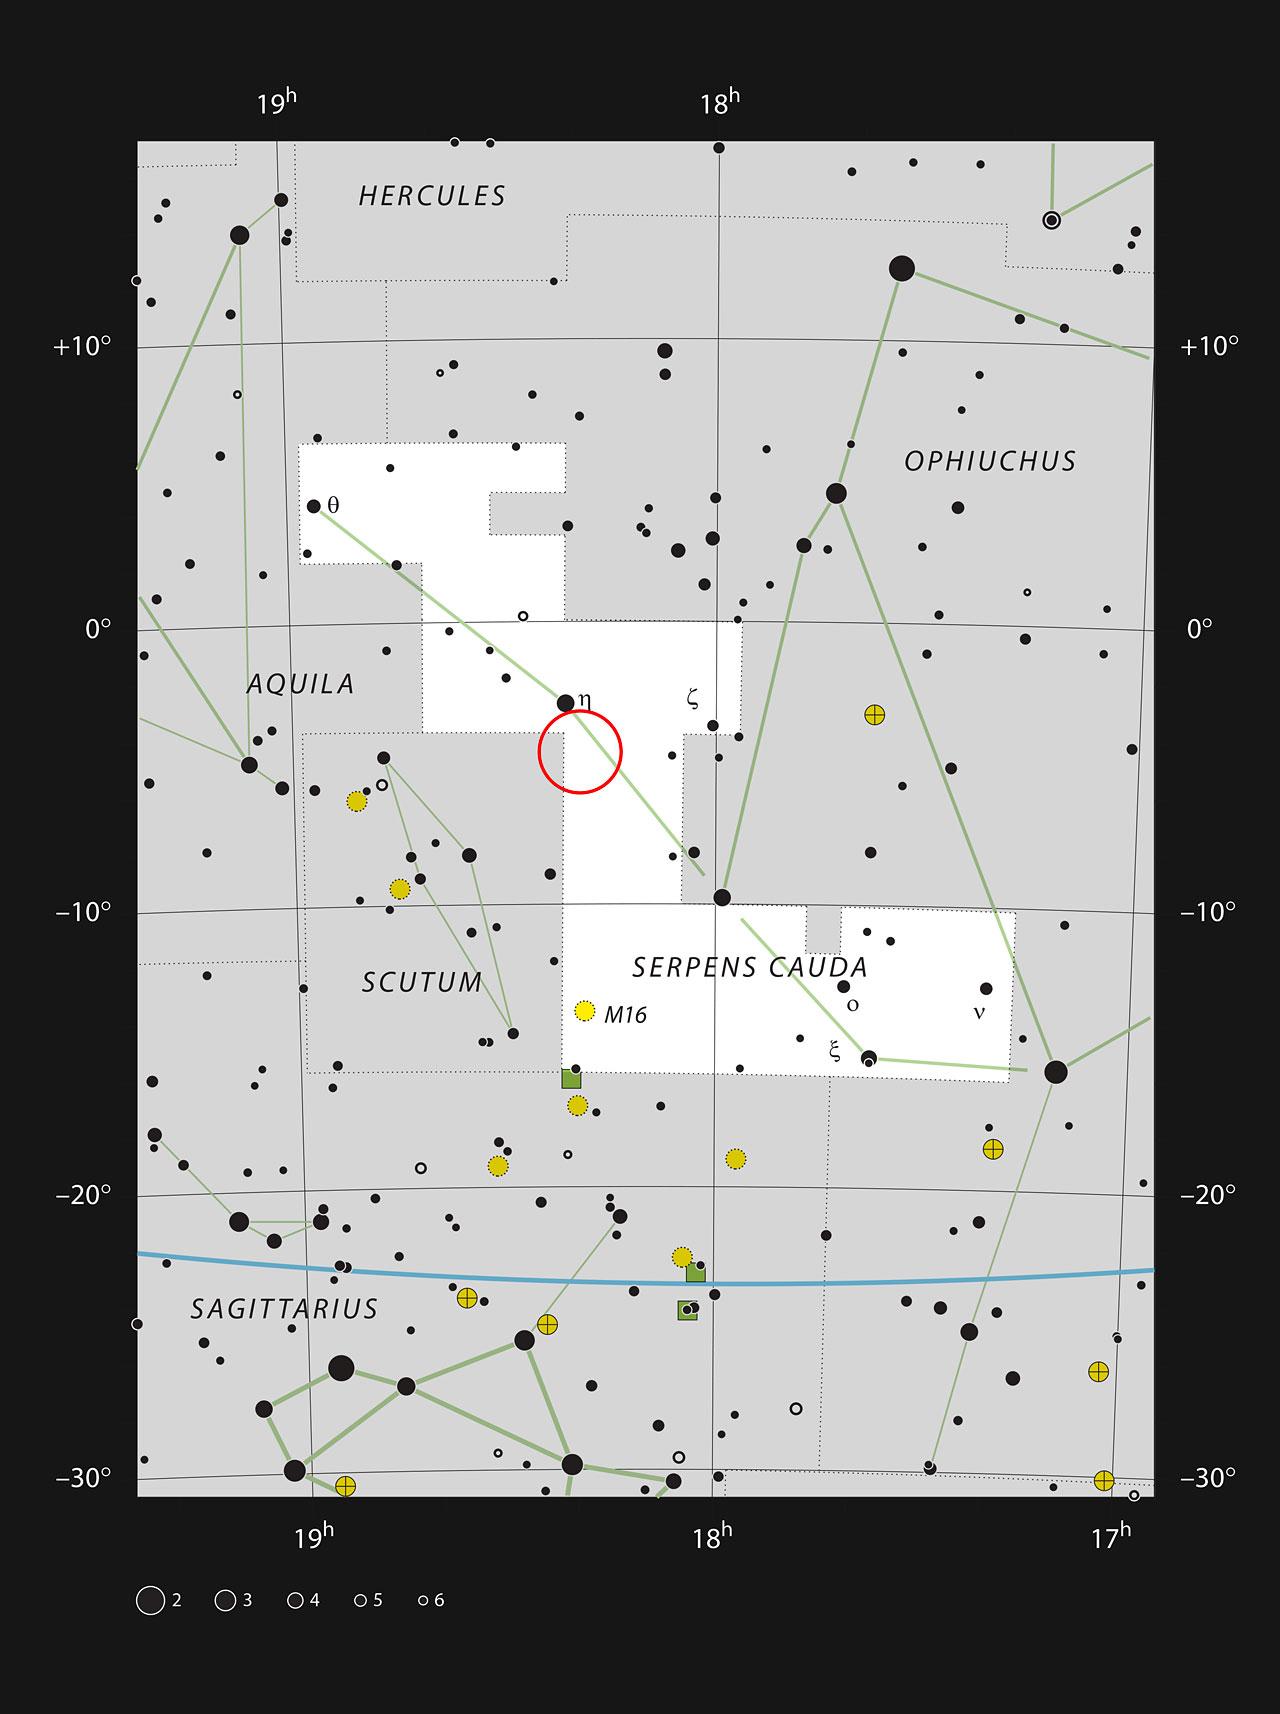 暗星云LDN 483距离地球约700光年,位于巨蛇座。